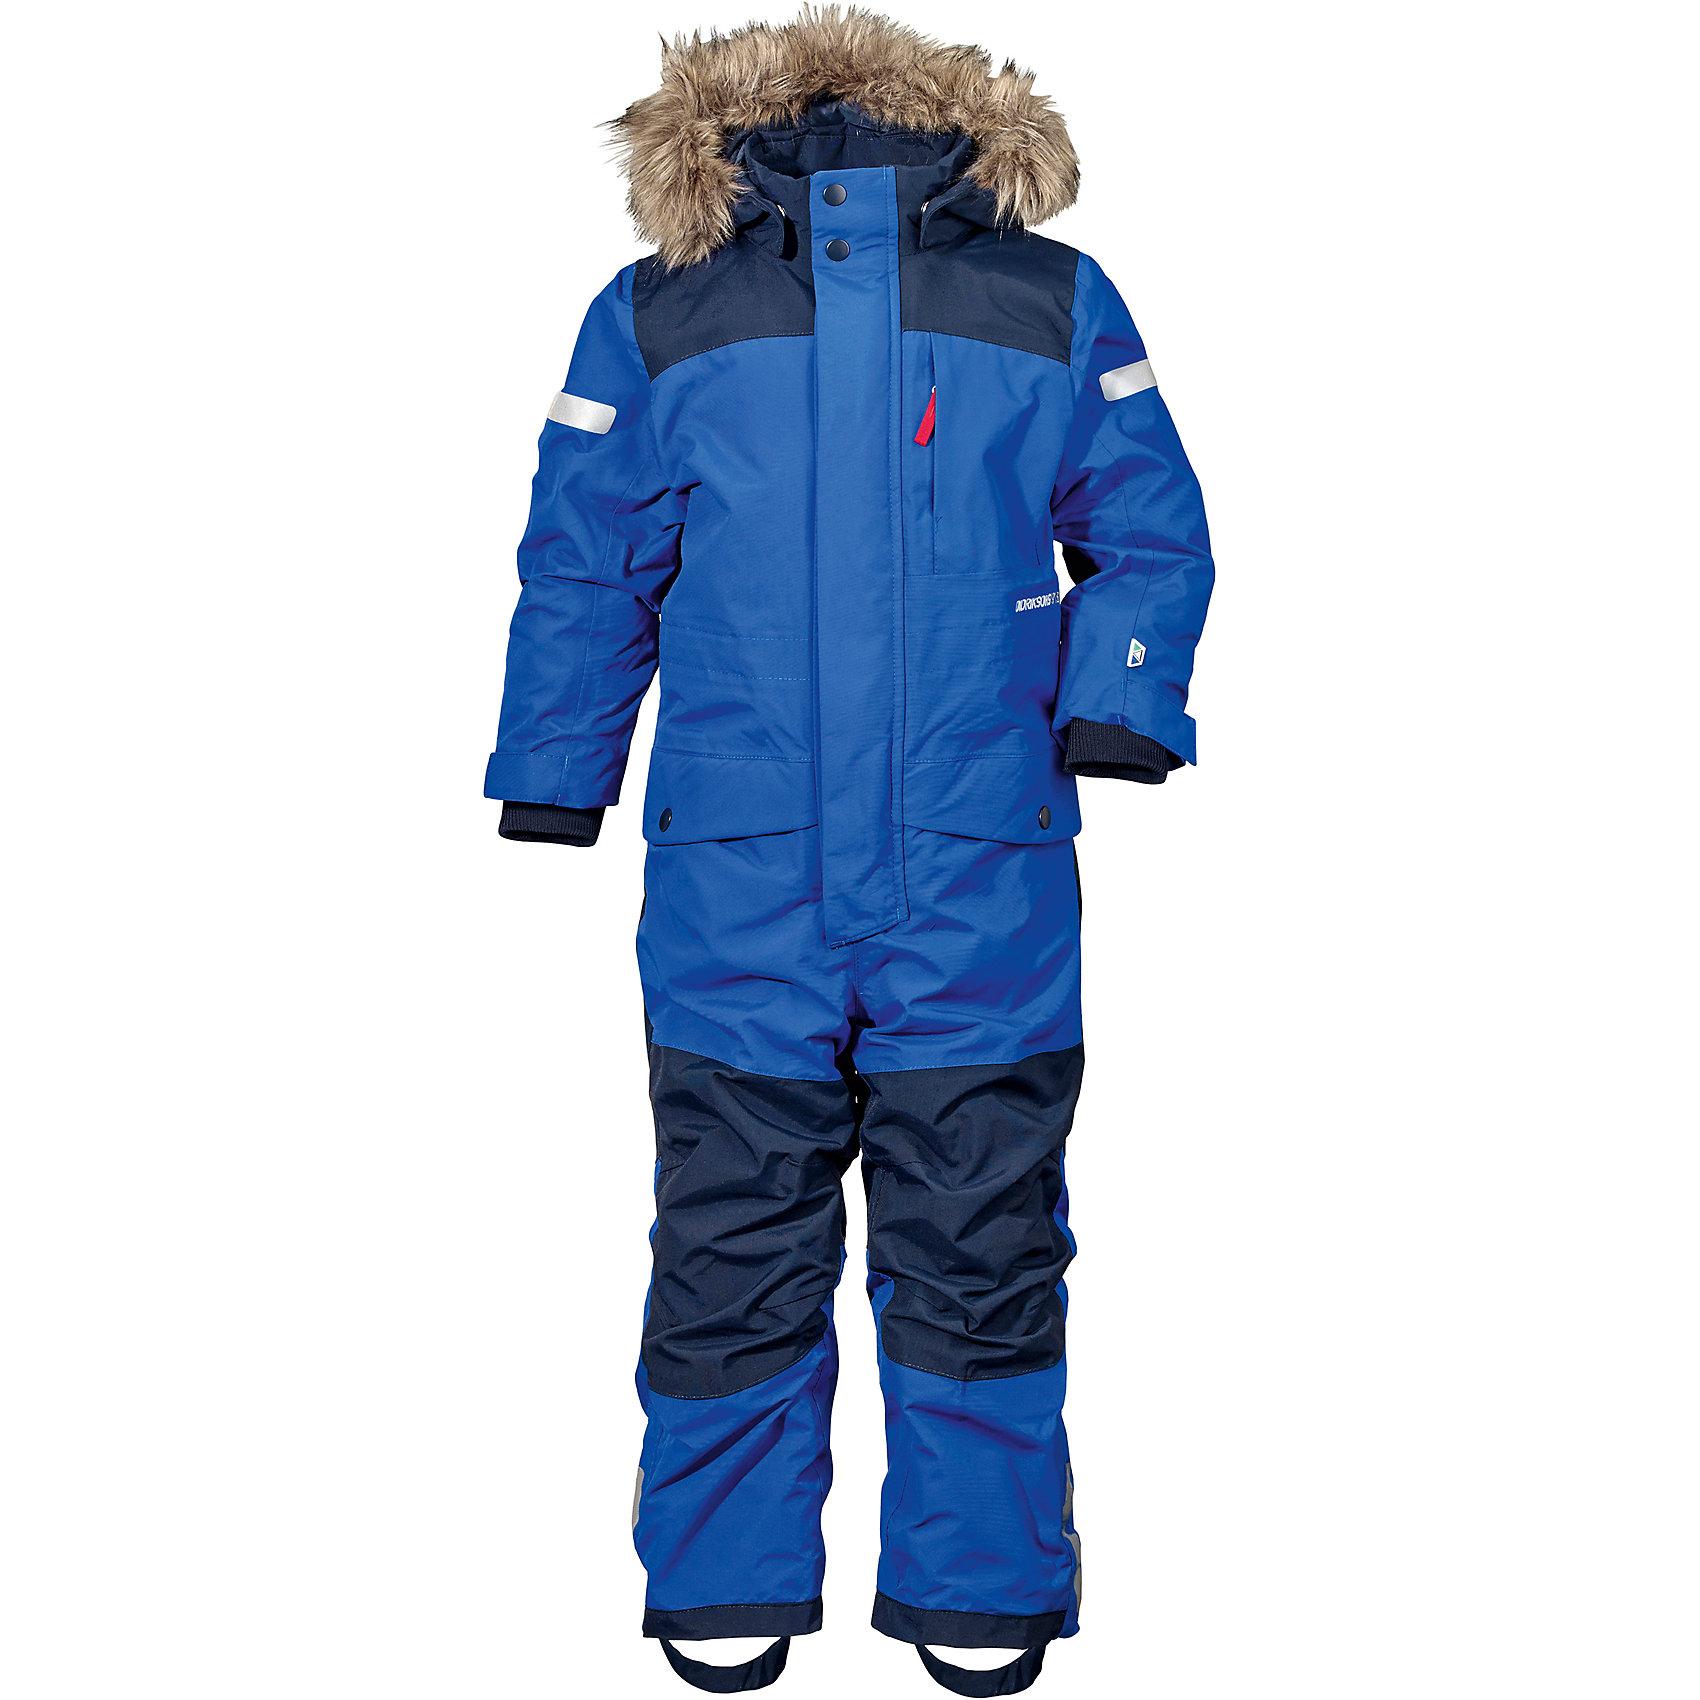 Комбинезон BJORNEN  DIDRIKSONS для мальчикаВерхняя одежда<br>Характеристики товара:<br><br>• цвет: синий<br>• состав ткани: 100% полиэстер<br>• подкладка: 100% полиэстер<br>• утеплитель: 100% полиэстер<br>• сезон: зима<br>• мембранное покрытие<br>• температурный режим: от -20 до 0<br>• водонепроницаемость: 10000 мм <br>• паропроницаемость: 4000 г/м2<br>• плотность утеплителя: 180 г/м2<br>• швы проклеены<br>• съемный капюшон<br>• съемный искусственный мех на капюшоне<br>• регулируемый капюшон, талия, рукава и ширина штанин<br>• внутренние эластичные манжеты с отверстием для большого пальца<br>• снежные гетры<br>• крепления для перчаток и ботинок<br>• светоотражающие детали<br>• застежка: молния, кнопки<br>• штрипки<br>• конструкция позволяет увеличить длину рукава и штанин на один размер<br>• страна бренда: Швеция<br>• страна изготовитель: Китай<br><br>Плотный непромокаемый и непродуваемый верх детского комбинезона не мешает циркуляции воздуха. Модный комбинезон для мальчика Didriksons рассчитан даже на сильные морозы. Детский комбинезон от известного шведского бренда теплый и легкий. Мембранный зимний комбинезон для ребенка отличается продуманным дизайном. <br><br>Комбинезон для мальчика Bjornen Didriksons (Дидриксонс) можно купить в нашем интернет-магазине.<br><br>Ширина мм: 356<br>Глубина мм: 10<br>Высота мм: 245<br>Вес г: 519<br>Цвет: голубой<br>Возраст от месяцев: 72<br>Возраст до месяцев: 84<br>Пол: Мужской<br>Возраст: Детский<br>Размер: 120,130,140,90,100,110<br>SKU: 7045416